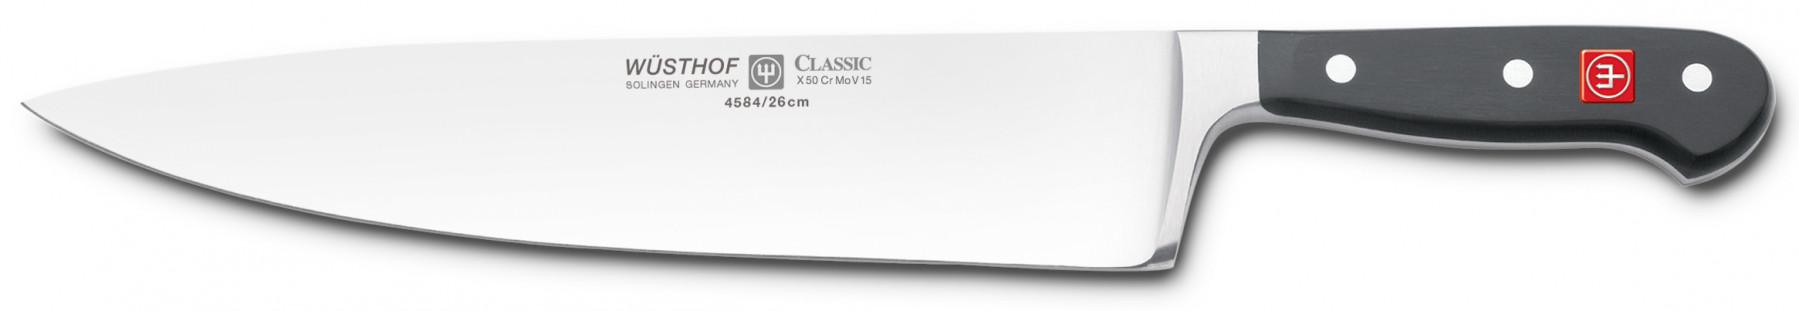 Wüsthof Dreizack Classic Kochmesser extrabreit 26cm